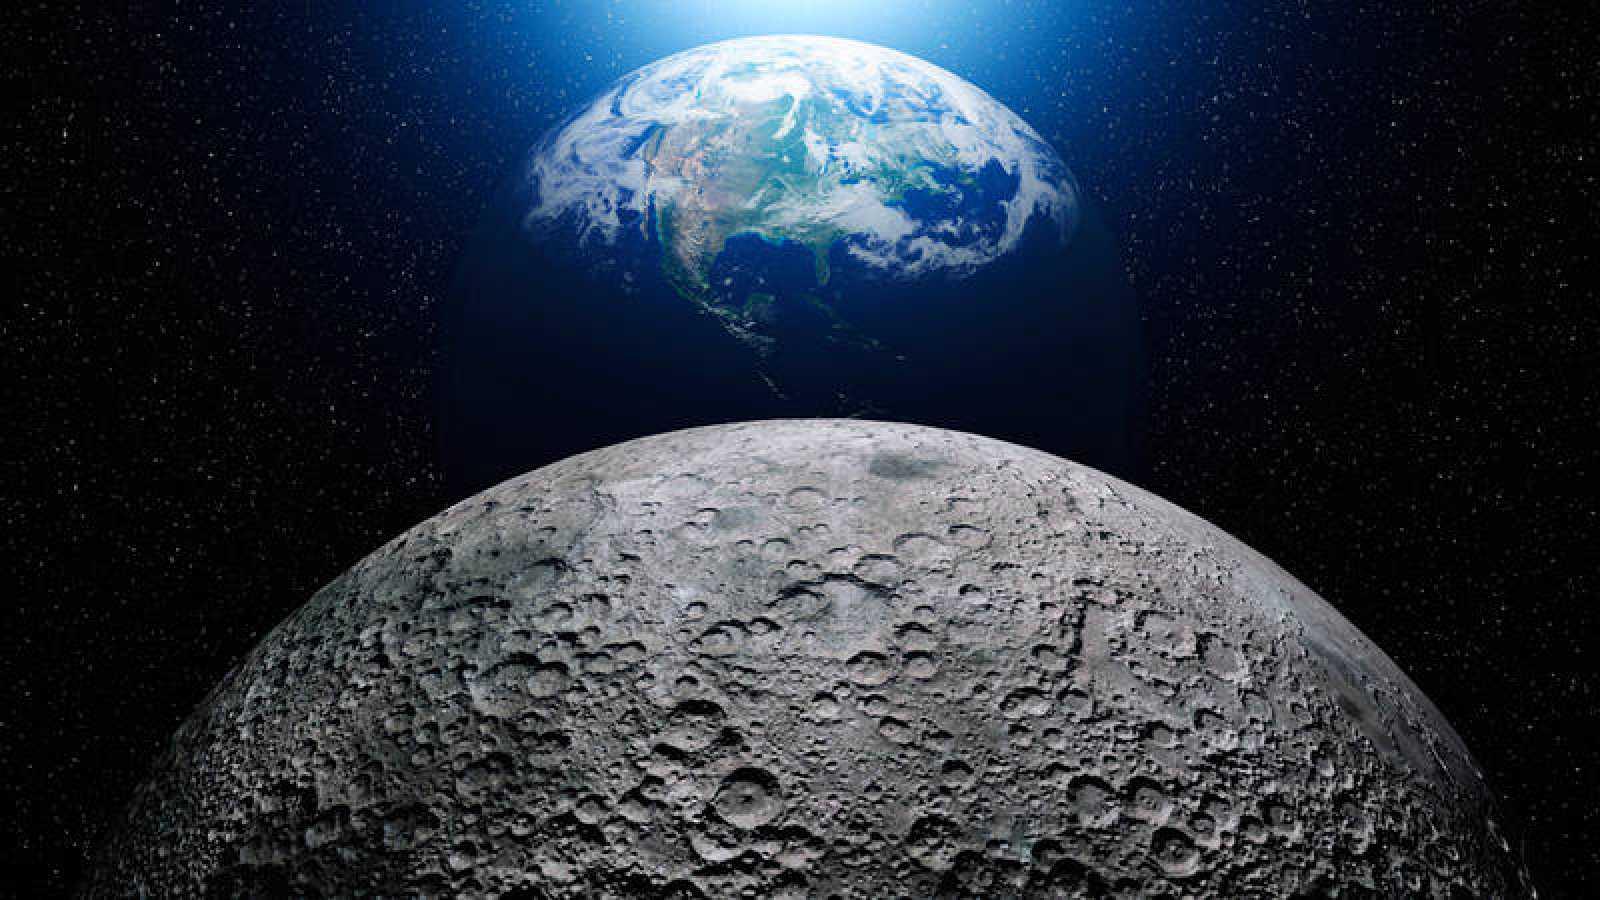 La Tierra vista desde la superficie de la Luna.